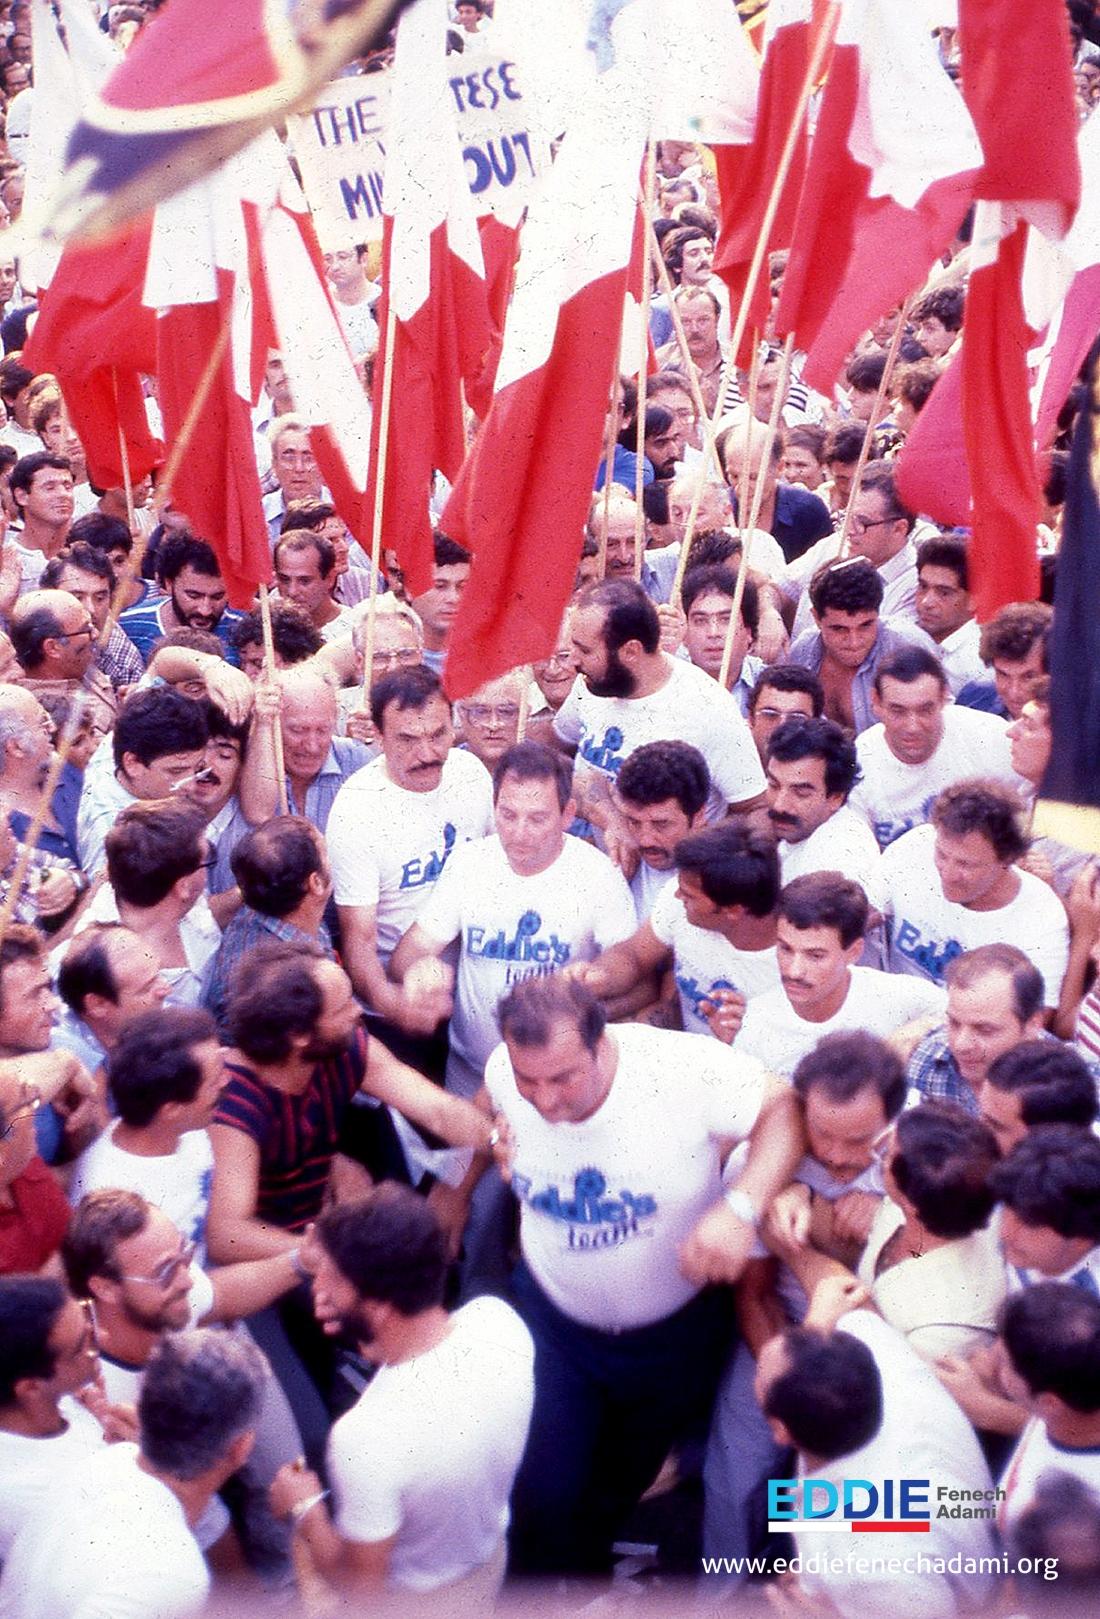 www.eddiefenechadami.org0049